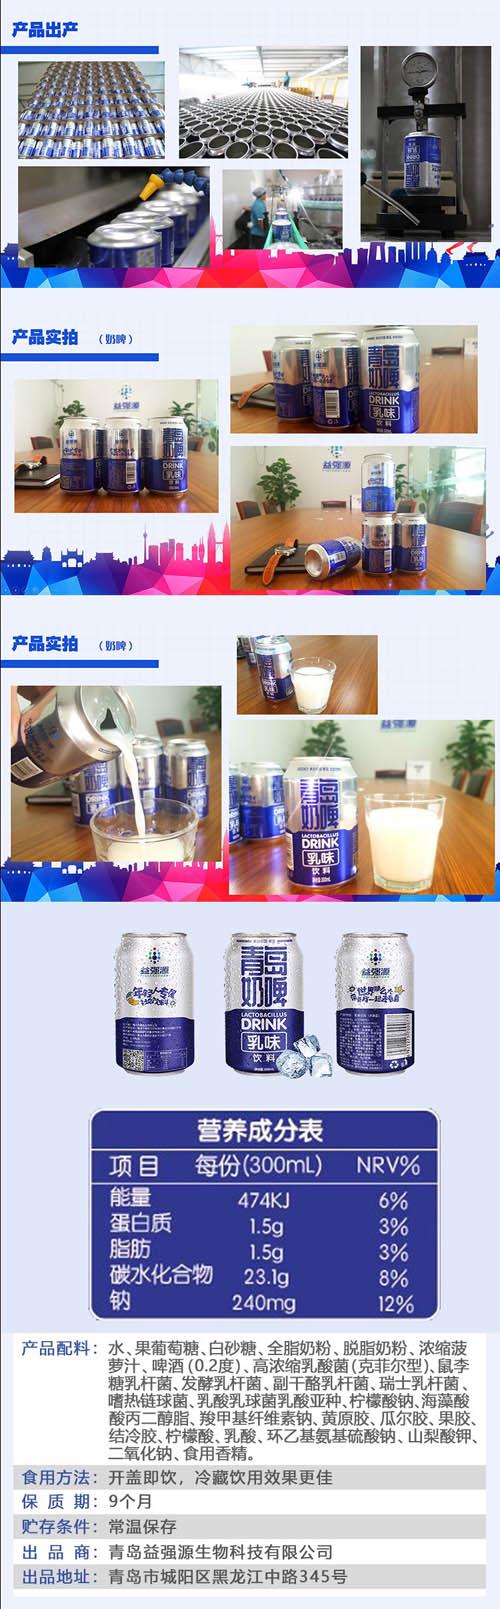 安全衛生的奶啤生產廠,物美價廉的青島奶啤推薦